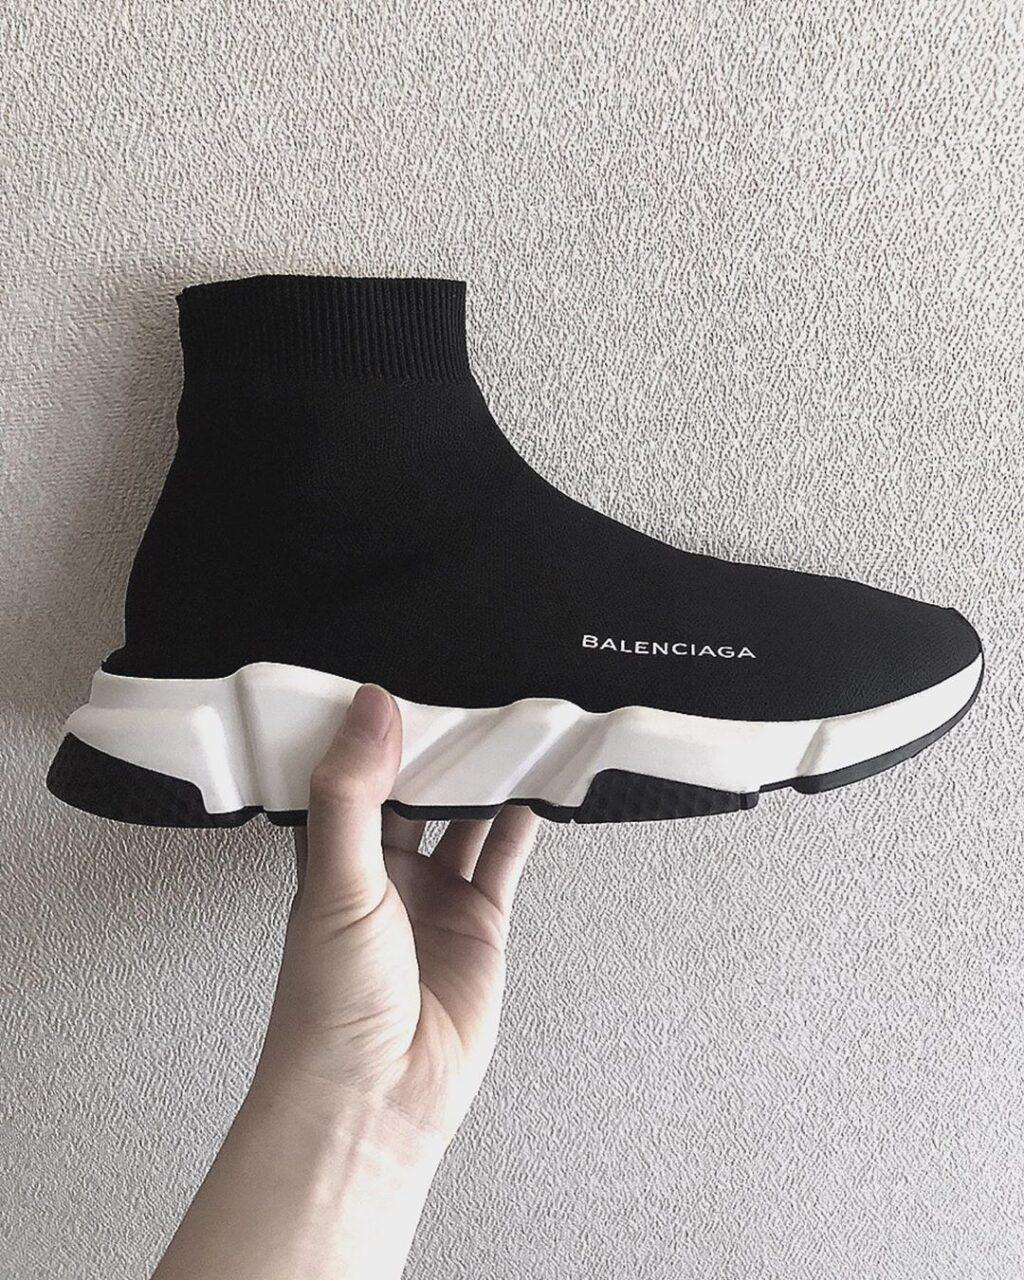 高級品を履くのが私の夢。お金が溜まったら買いたいハイブランドのスニーカーLIST